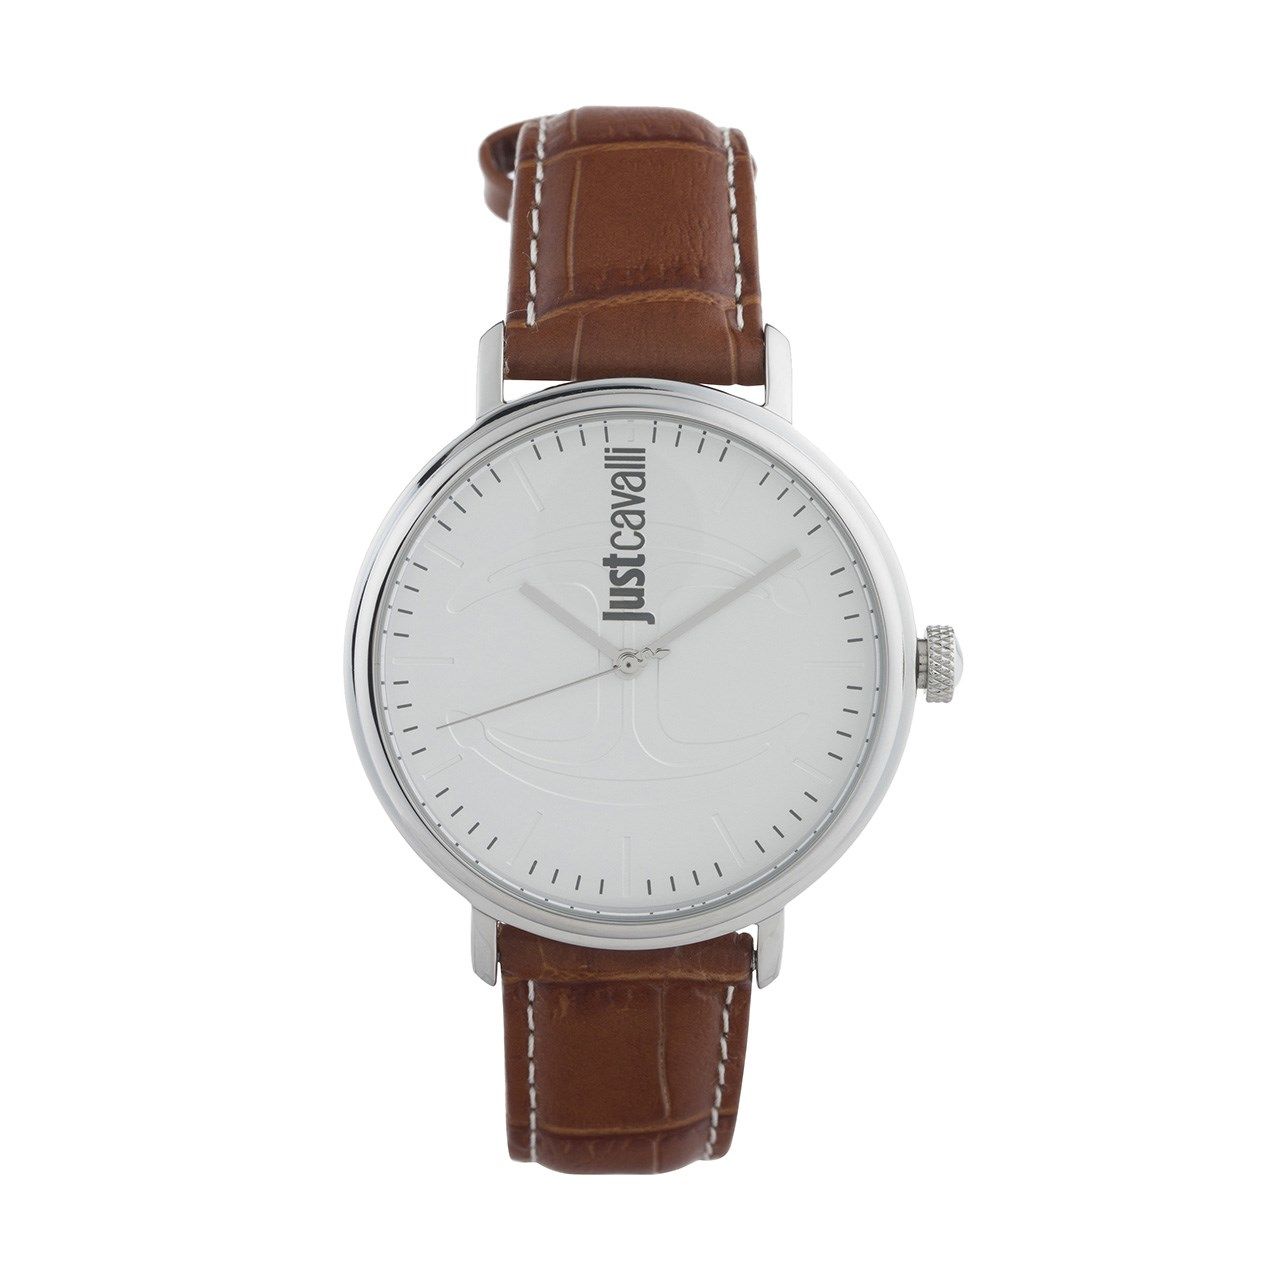 ساعت مچی عقربه ای مردانه جاست کاوالی مدل JC1G012L0015 34